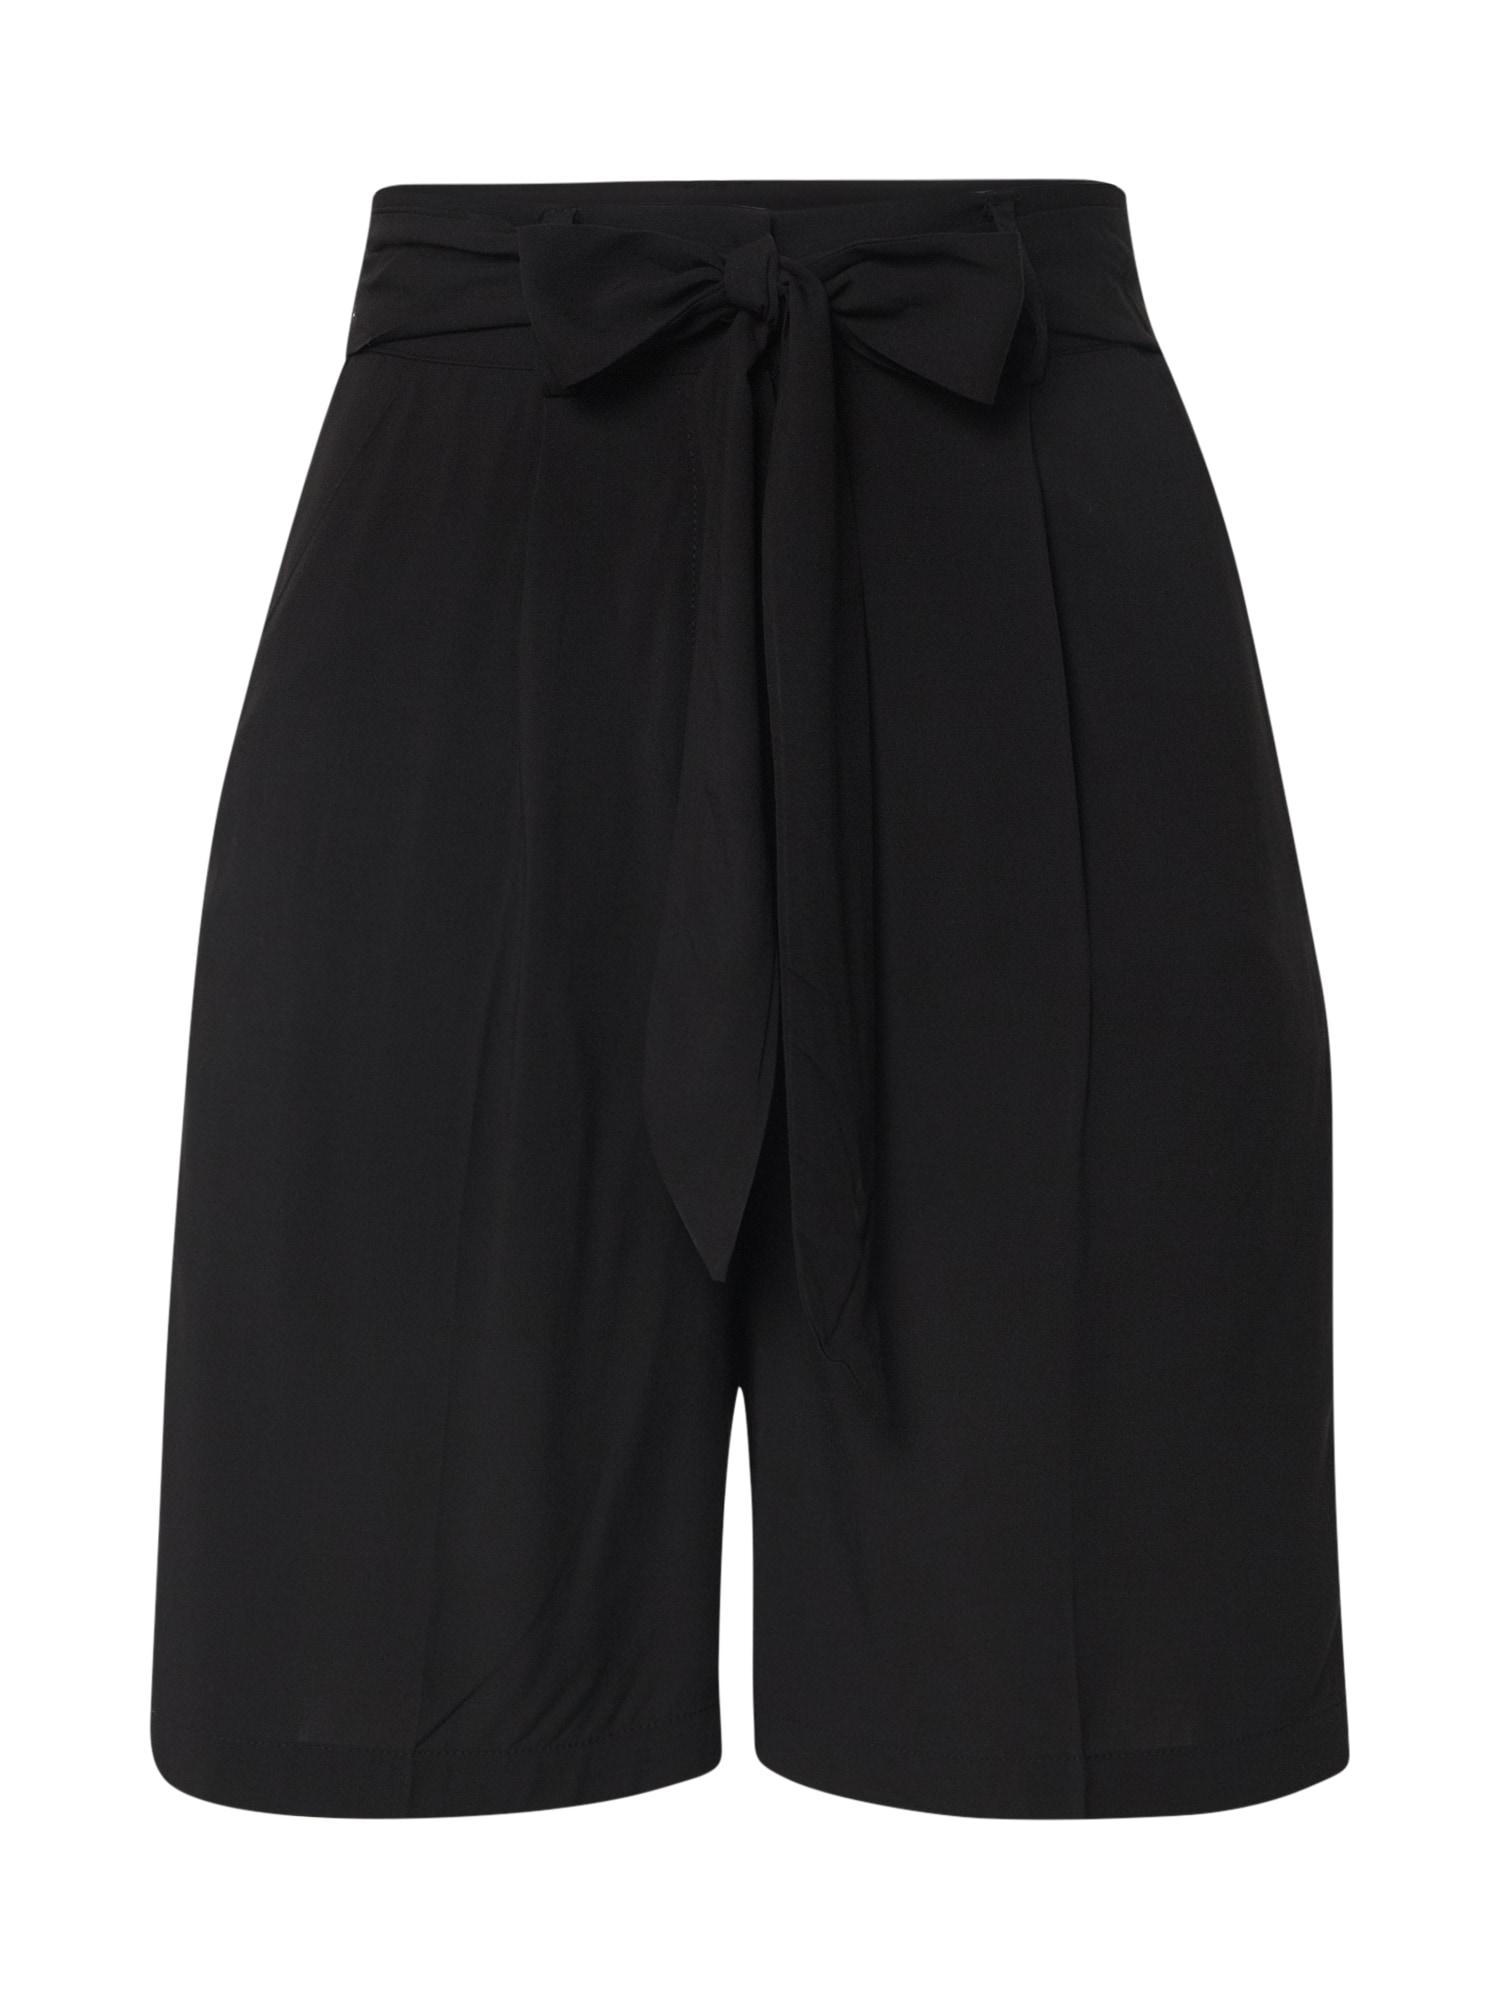 EDITED Klostuotos kelnės 'Dunja' juoda